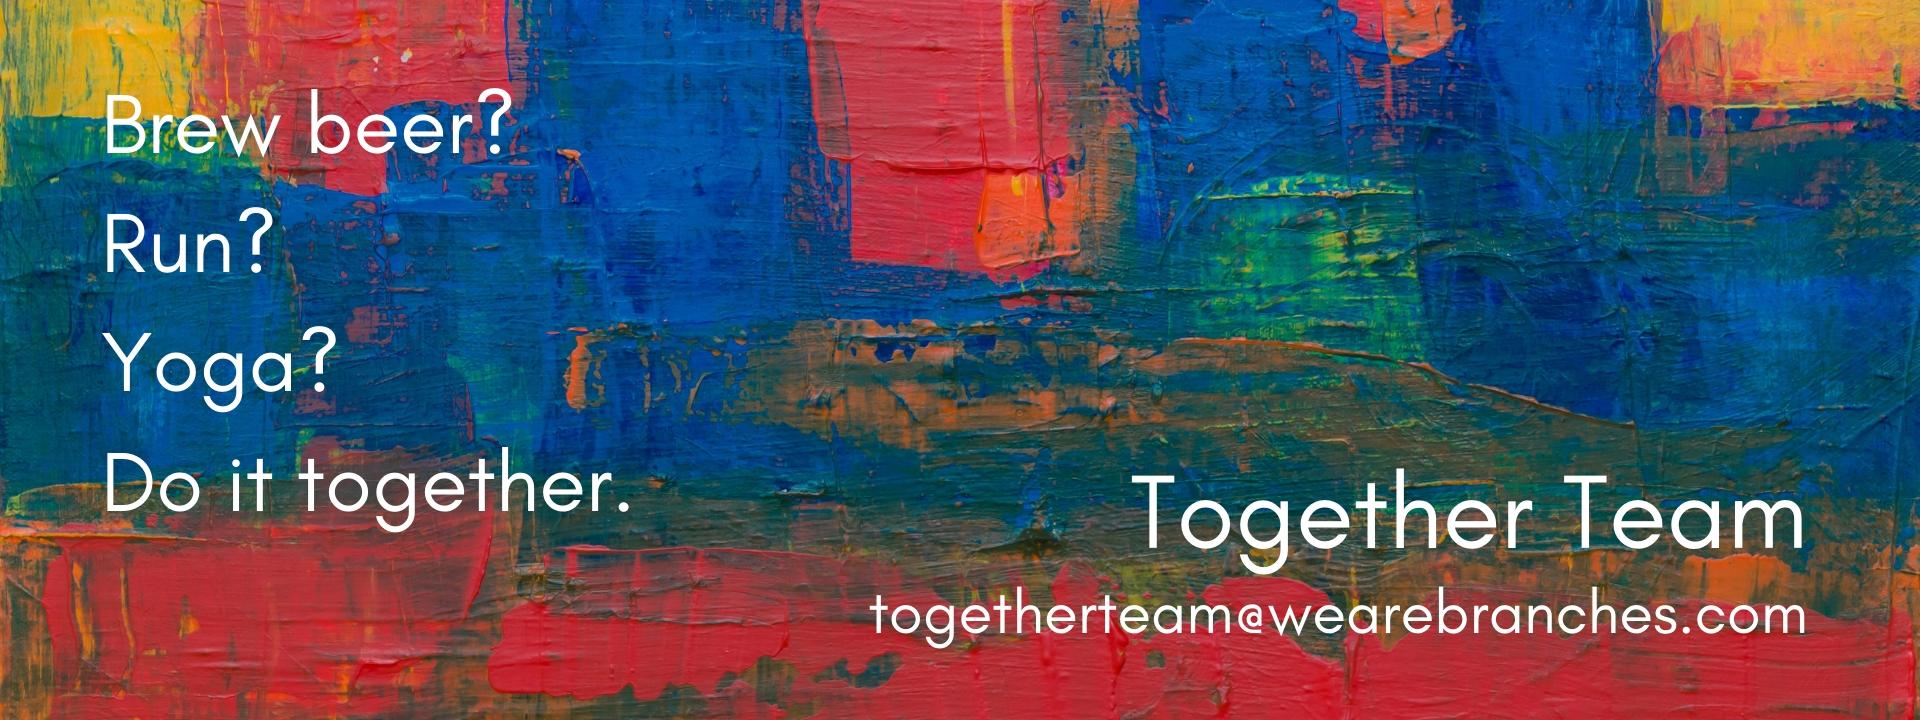 Copy of together team.jpg